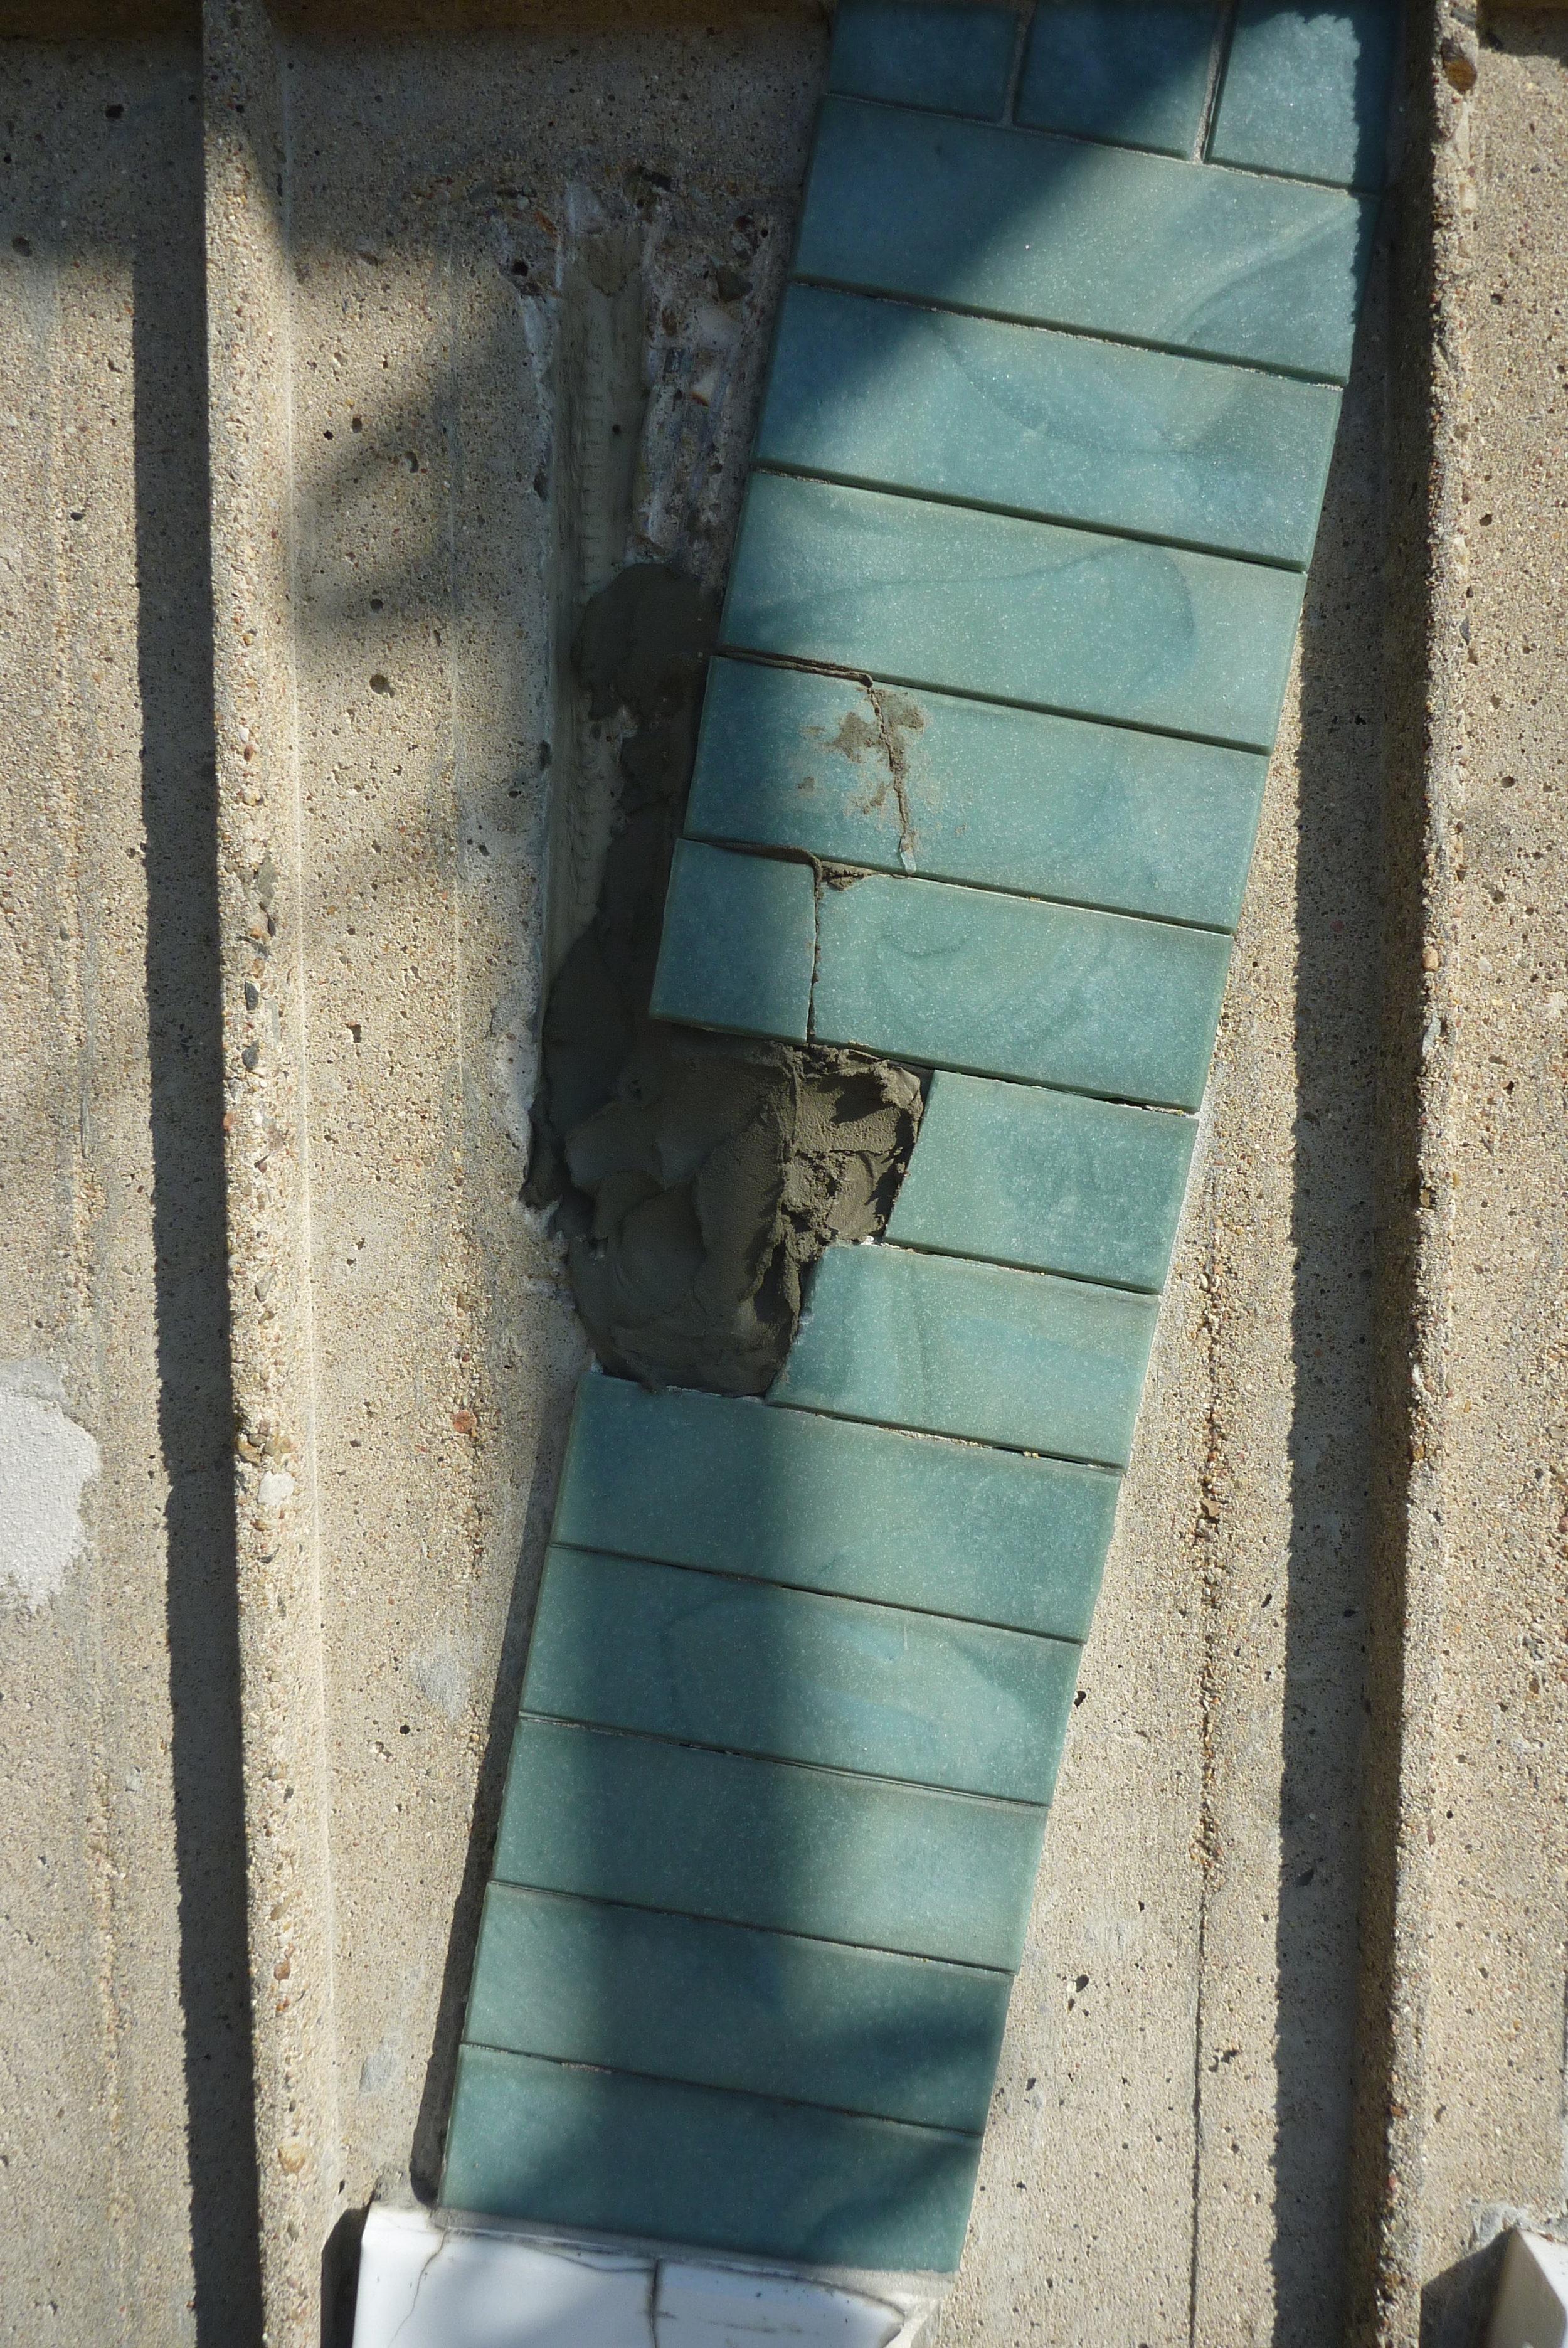 Keramiska plattor som lossnat monteras tillbaka